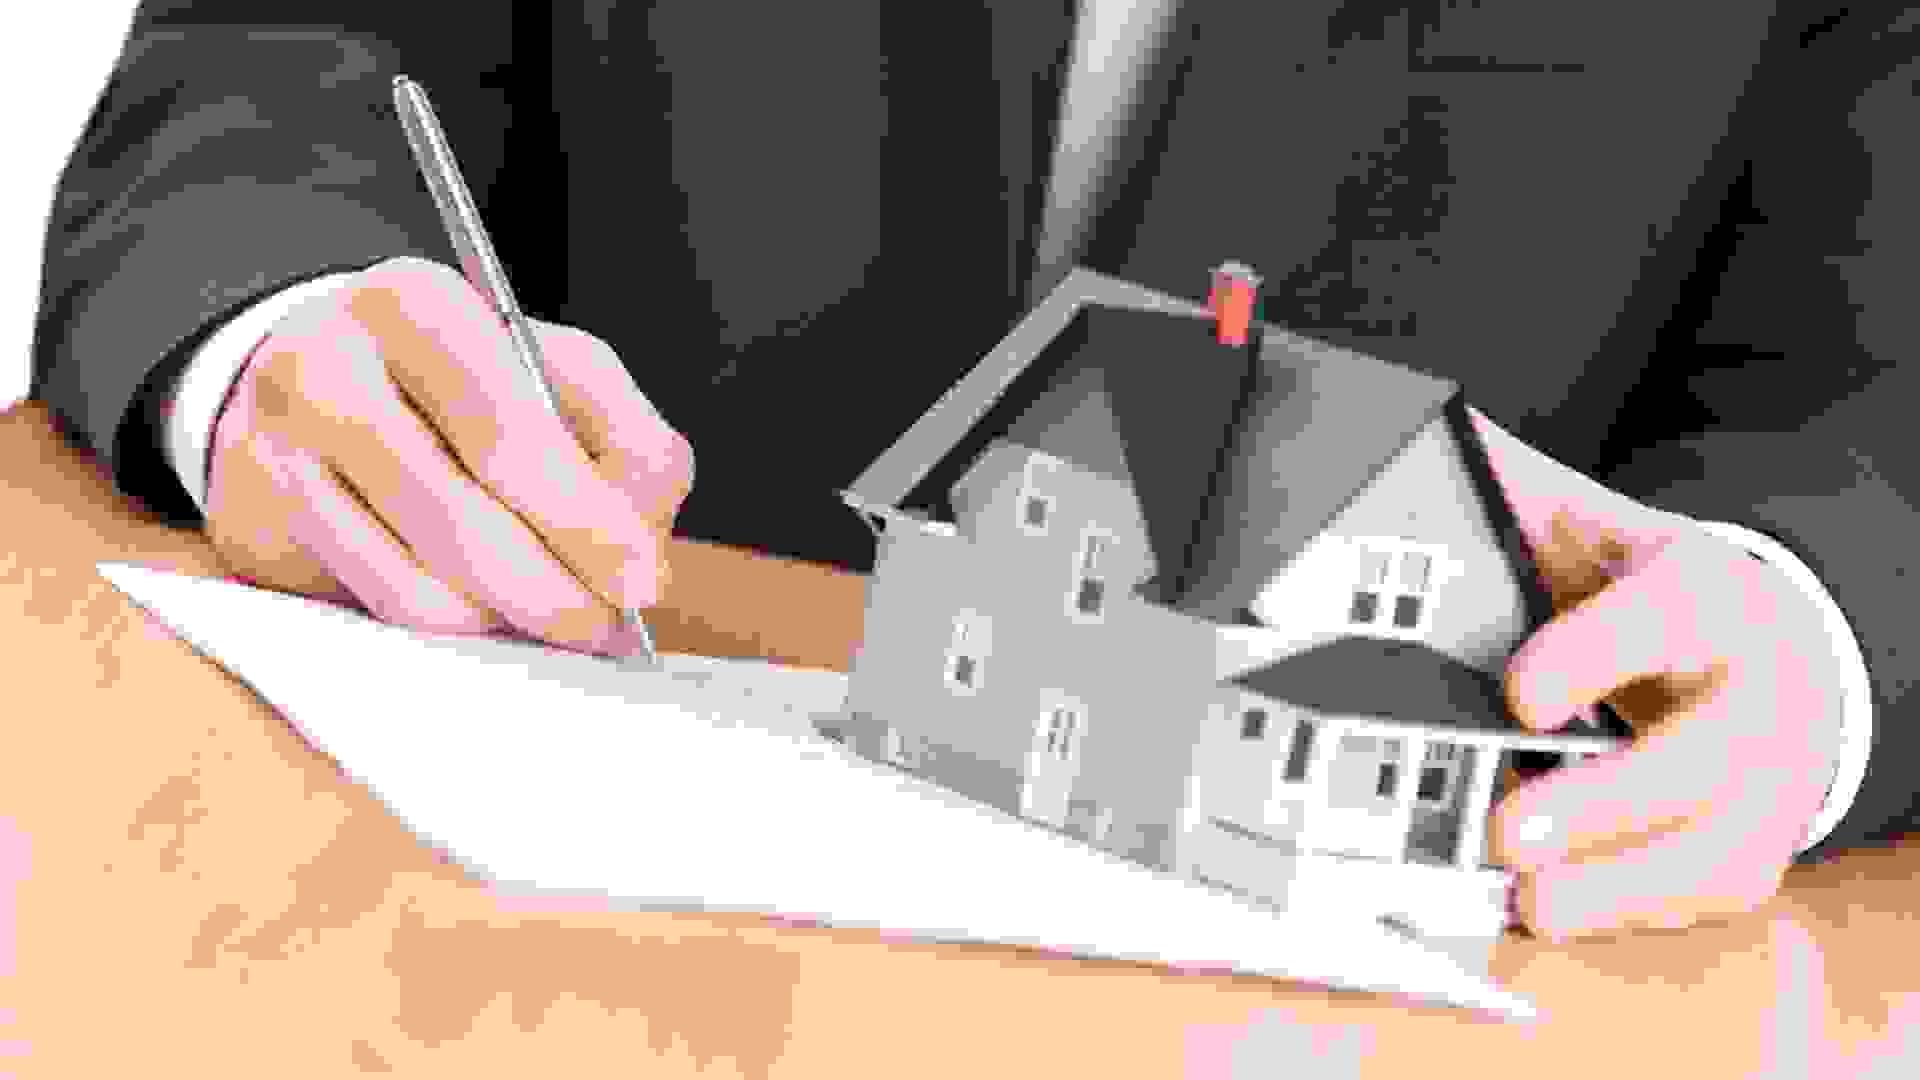 Baufinanzierung - welche Bausparvertrag?